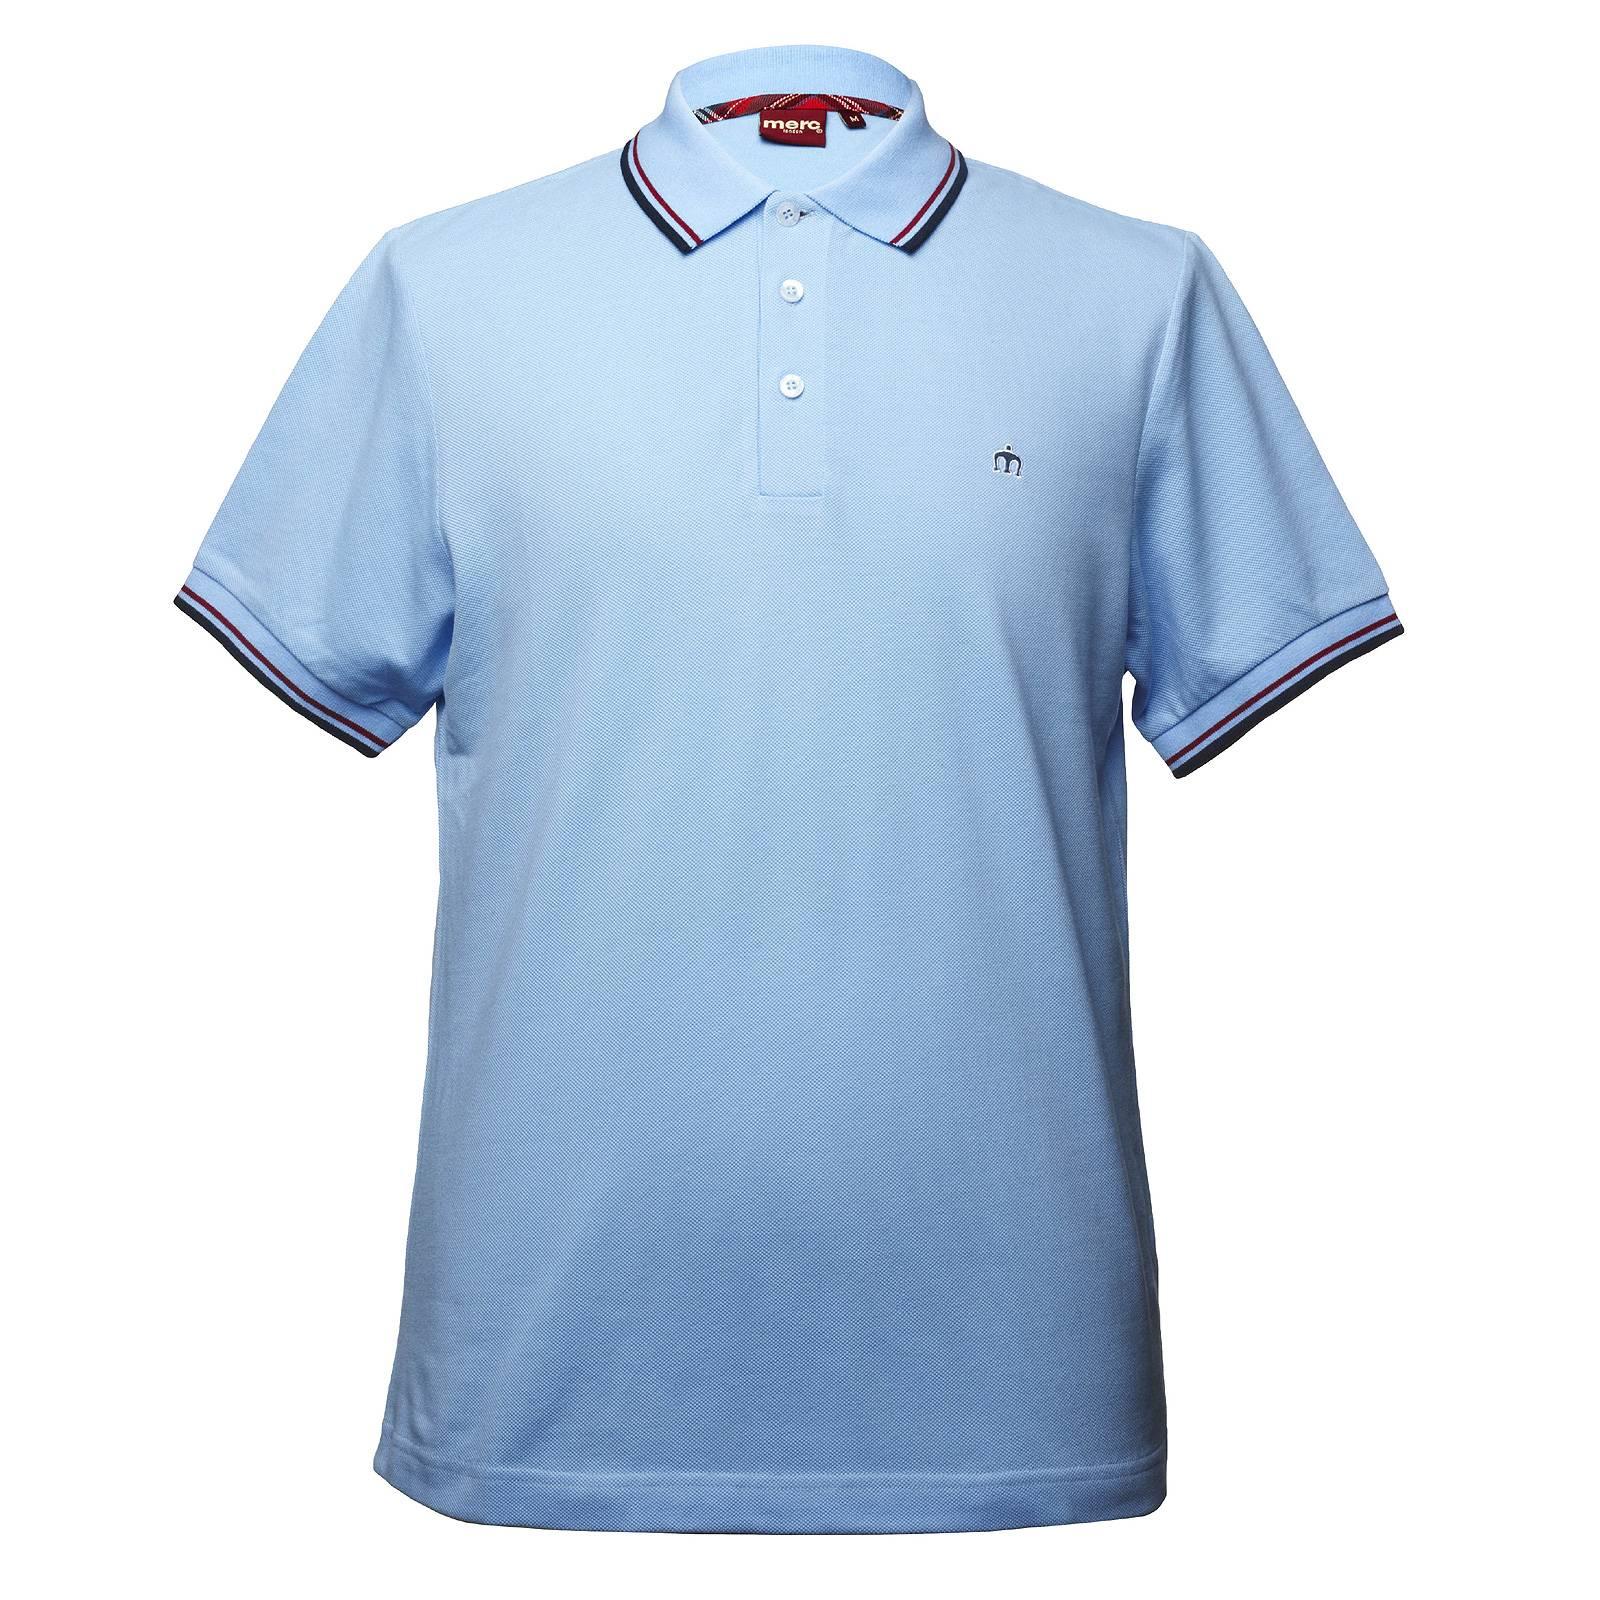 Рубашка Поло CardCORE<br>Эта легендарная, выпускаемая на протяжении десятилетий модель базовой линии &amp;amp;quot;Core&amp;amp;quot; производится из высококачественной хлопковой ткани &amp;amp;quot;пике&amp;amp;quot; - прочной и долговечной. Аккуратный логотип в виде короны привносит аристократизм, контрастные полосы на воротнике и манжетах подчеркивают силуэт, а широкая цветовая палитра поможет подобрать ключ к любому гардеробу - от различного фасона джинсов и брюк до строгой обуви или кроссовок. Нестареющая классика от Merc - традиции и современность.<br><br>Артикул: 1906203<br>Материал: 100% хлопок<br>Цвет: голубой<br>Пол: Мужской